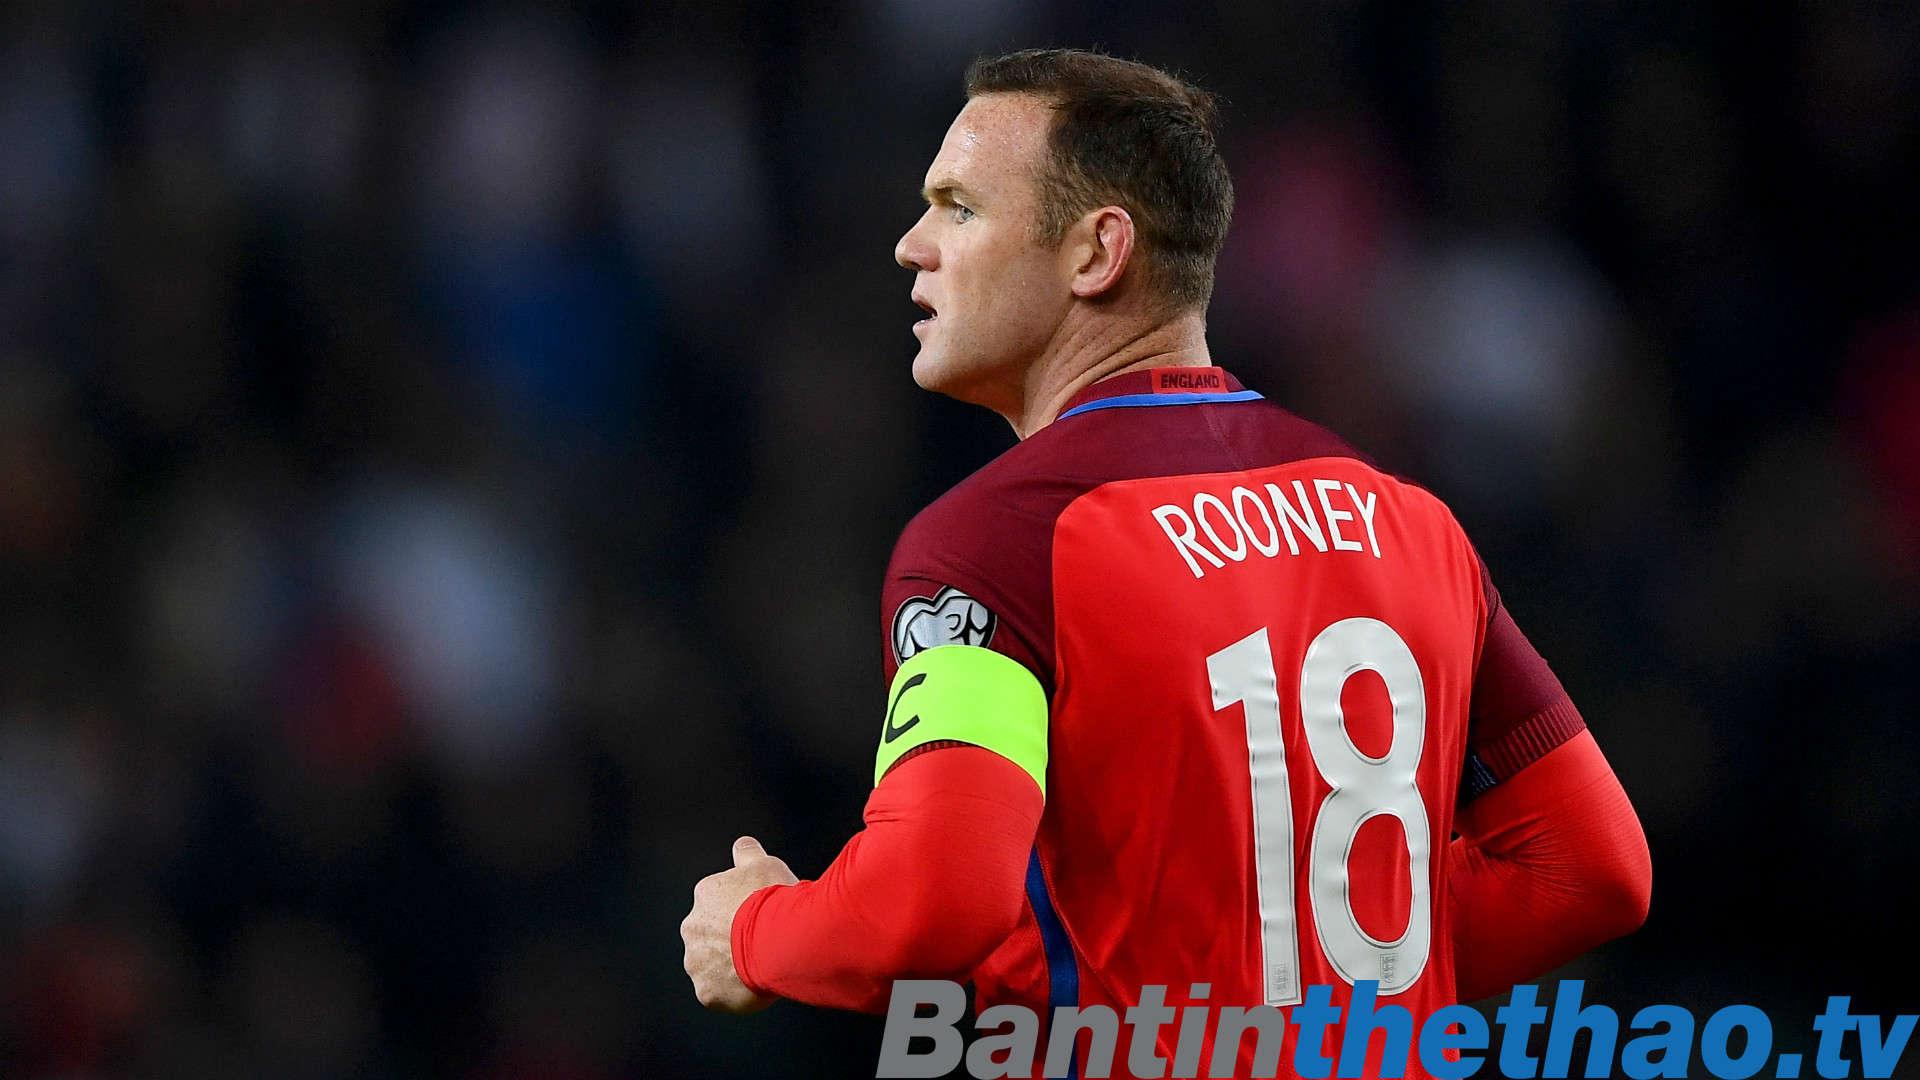 Rooney sẽ sớm hoàn tất hợp đồng để trở thành một cầu thủ của D.C United